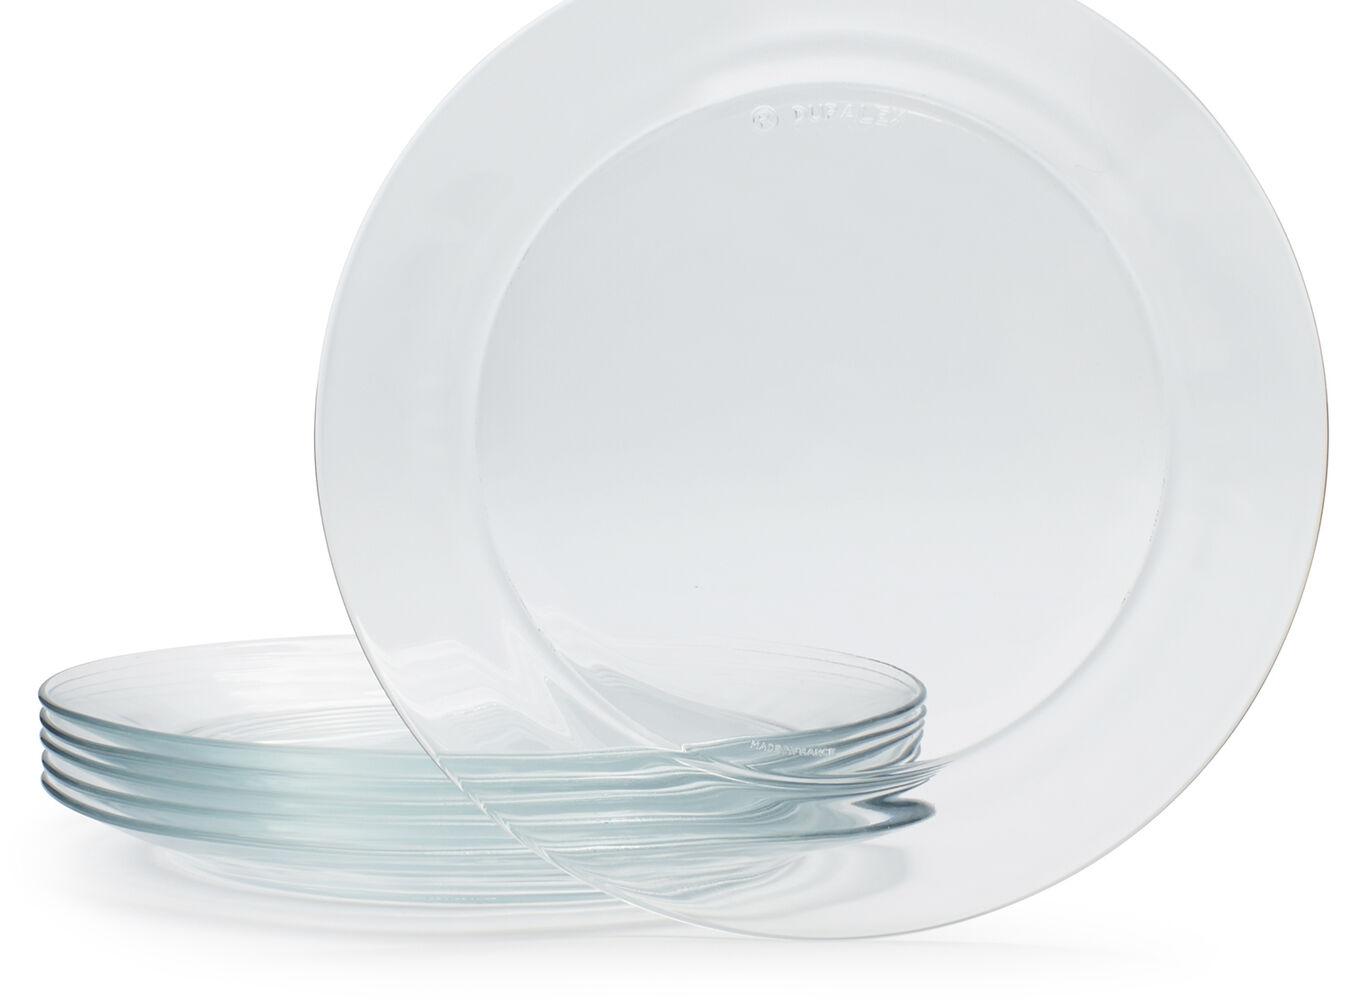 Duralex Lys Dinner Plate, Set of 6 | Sur La Table